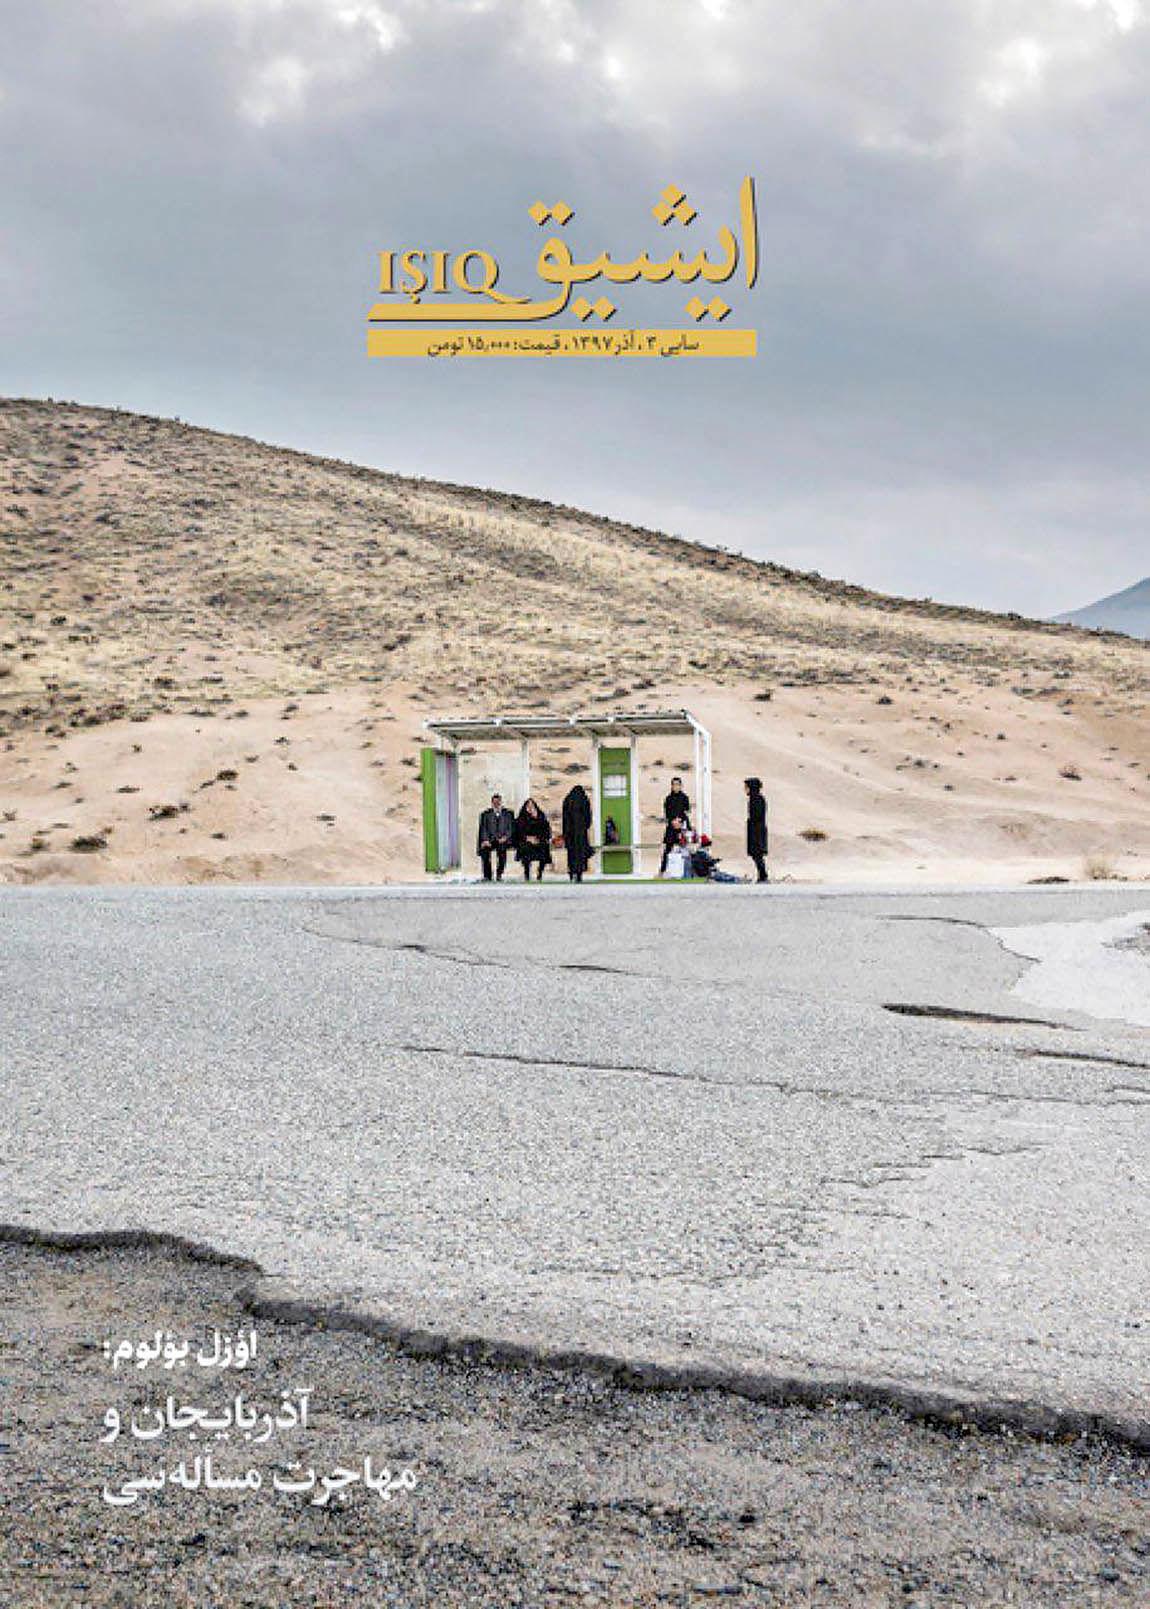 پرونده آذربایجان و مهاجرت در مجله «ایشیق»